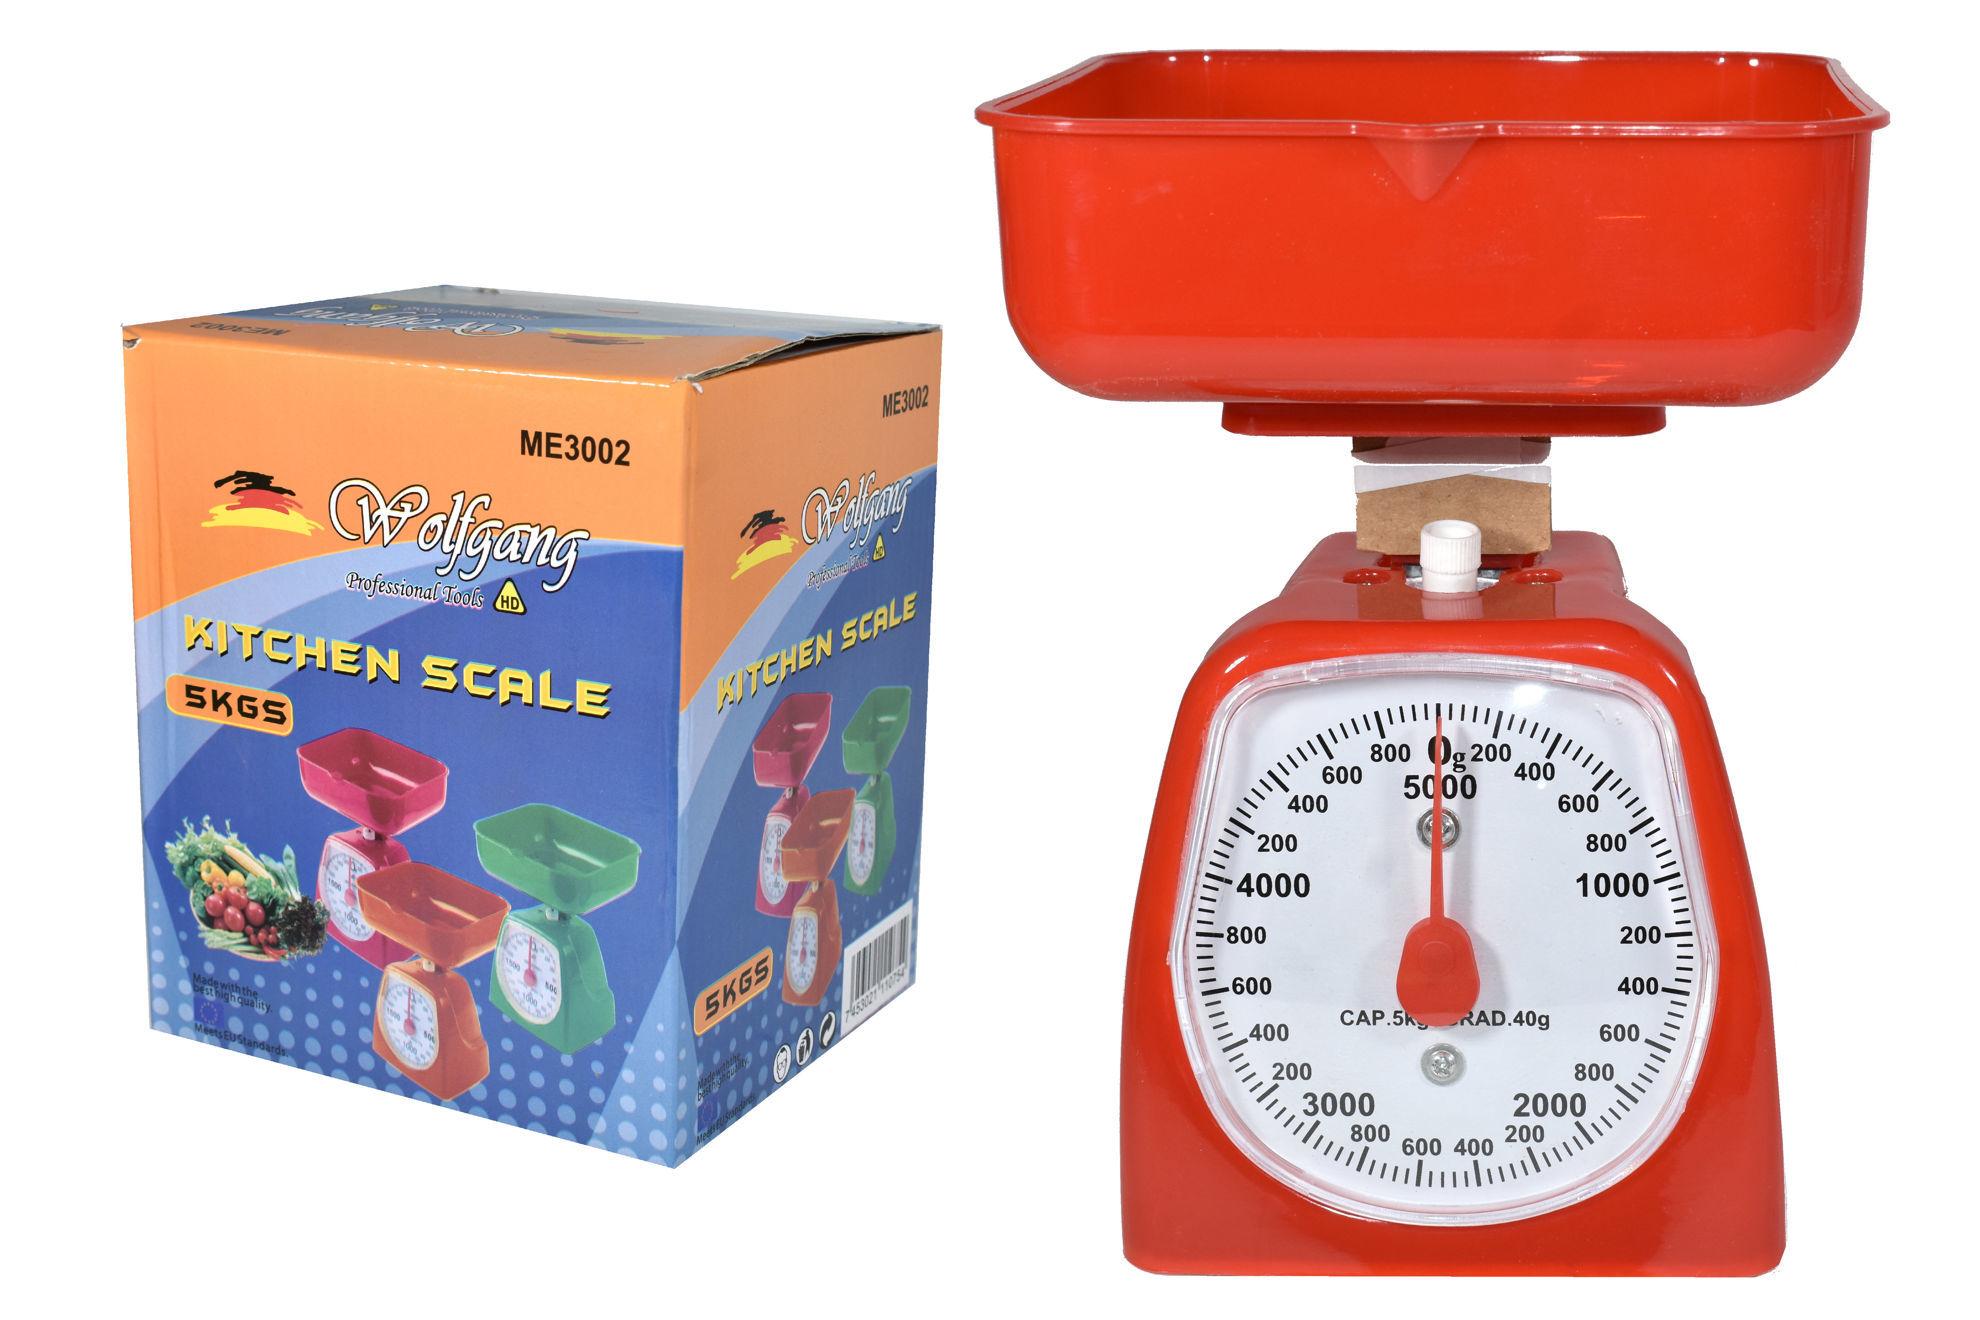 Foto de Bascula 5kg mesa ME3002 WOLFGANG KITCHEN SCALE